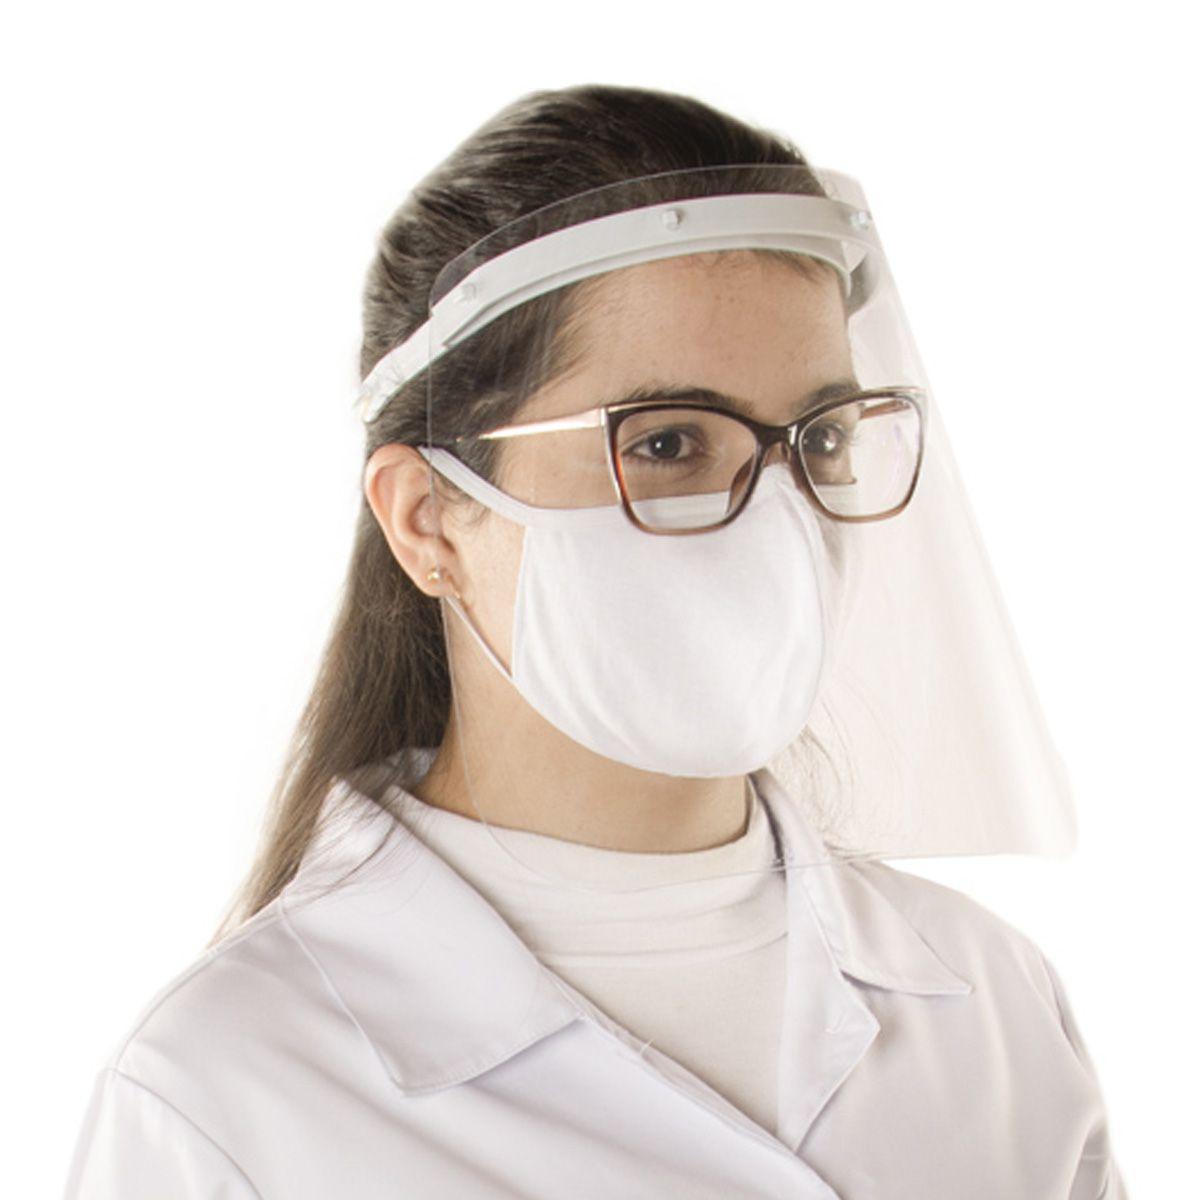 KIT com 3 Máscaras para proteção facial de acrílico transparente